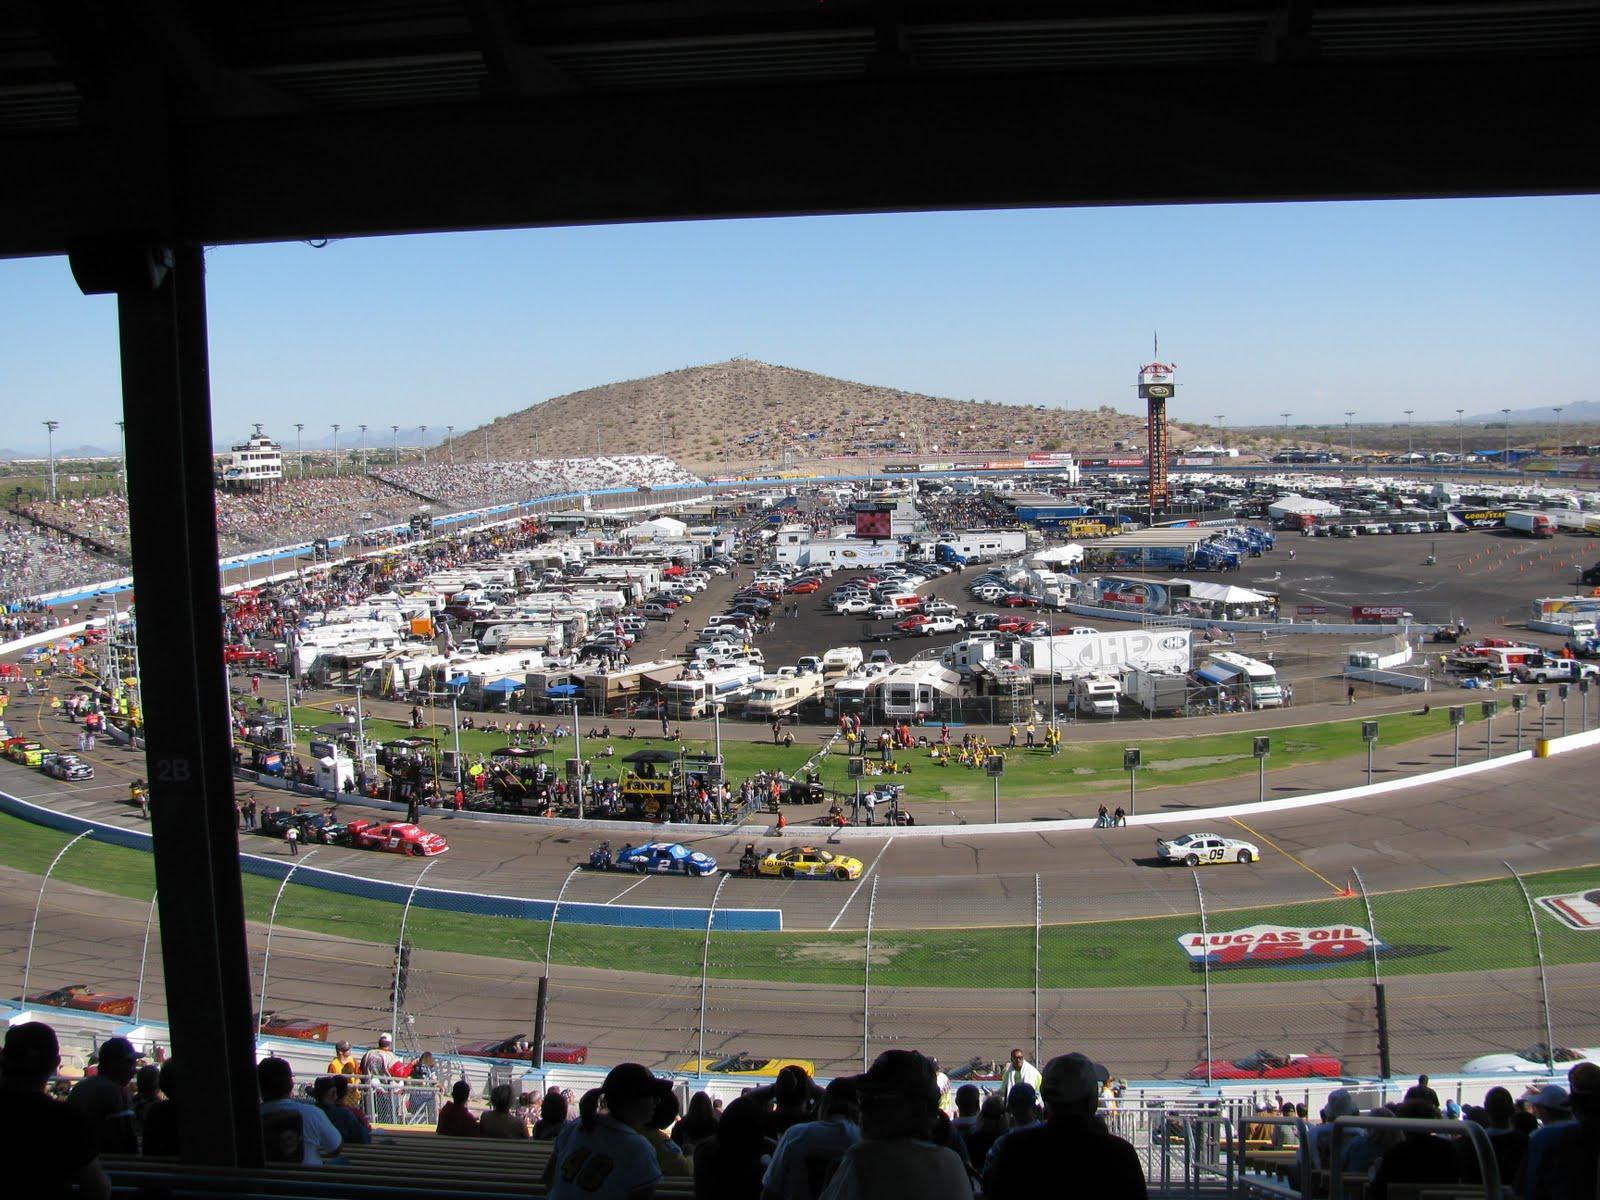 http://3.bp.blogspot.com/_sT1RIohDOvk/SwIbLX5VkCI/AAAAAAAAAP4/I2vqAaI7utY/s1600/NASCAR%2009%20028.JPG